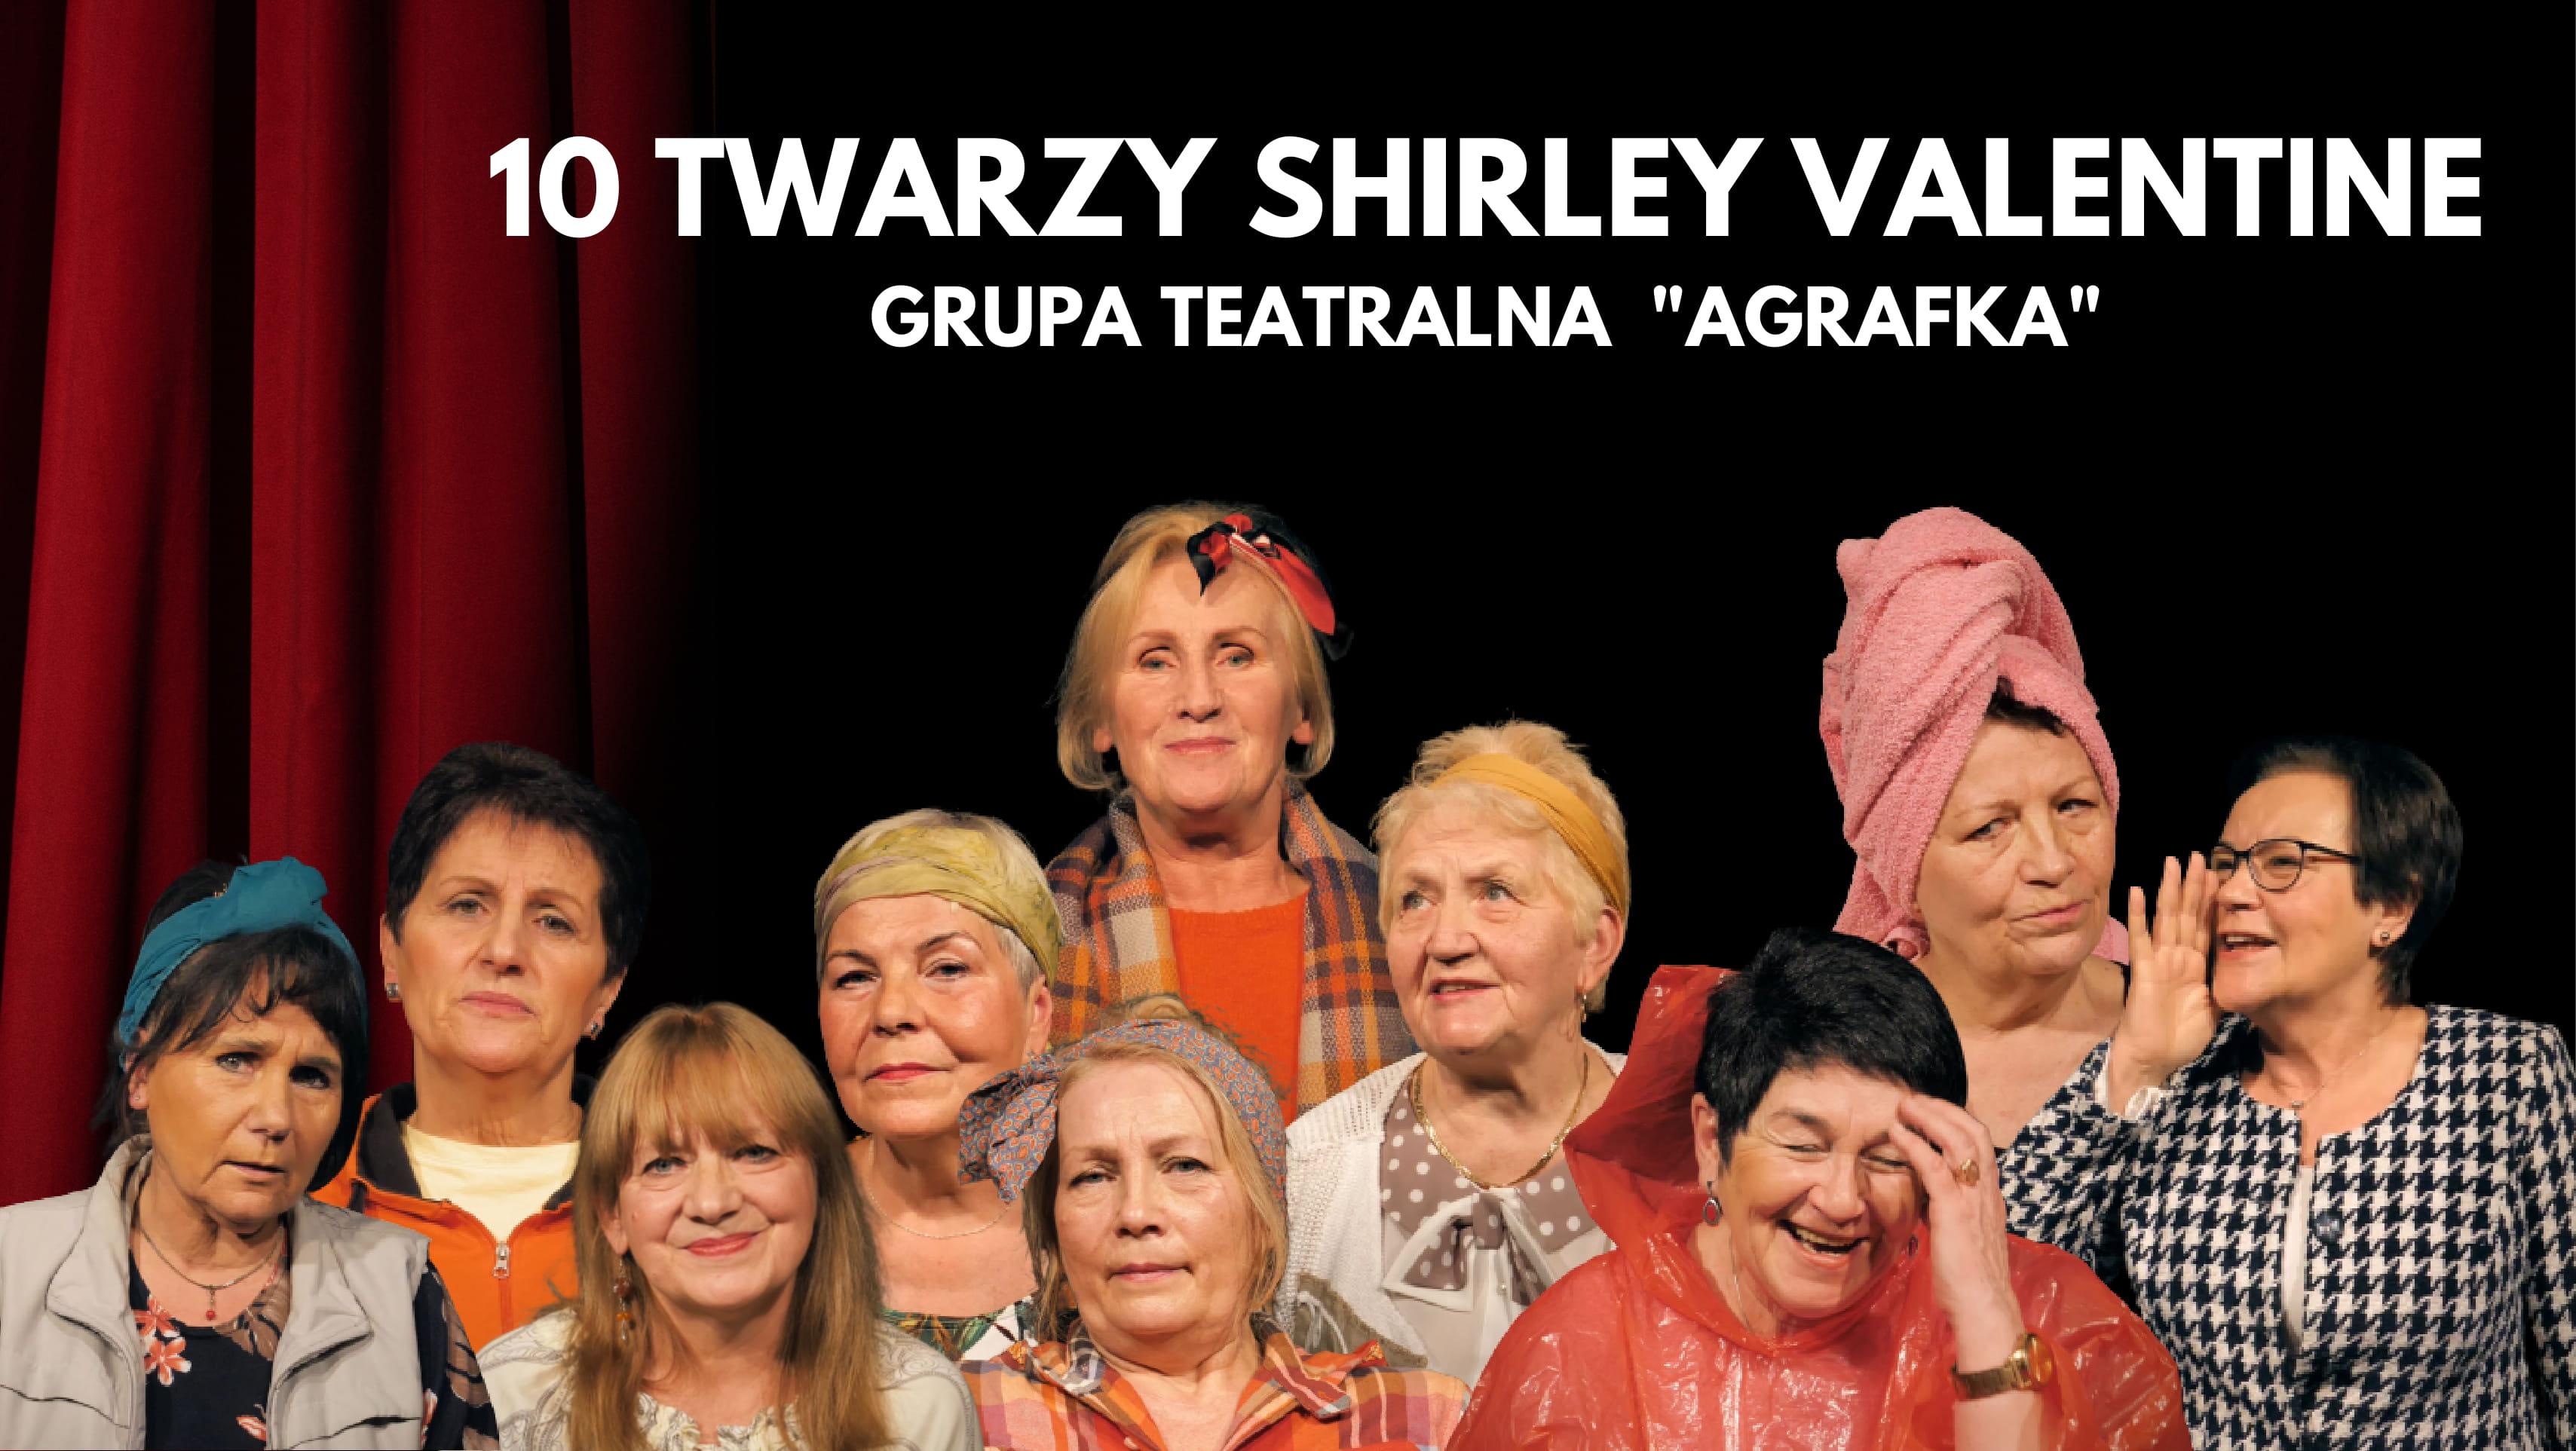 zdjęcie grupowe aktorek grupy teatralnej agrafka do projektu 10 twarzy shirley valentine